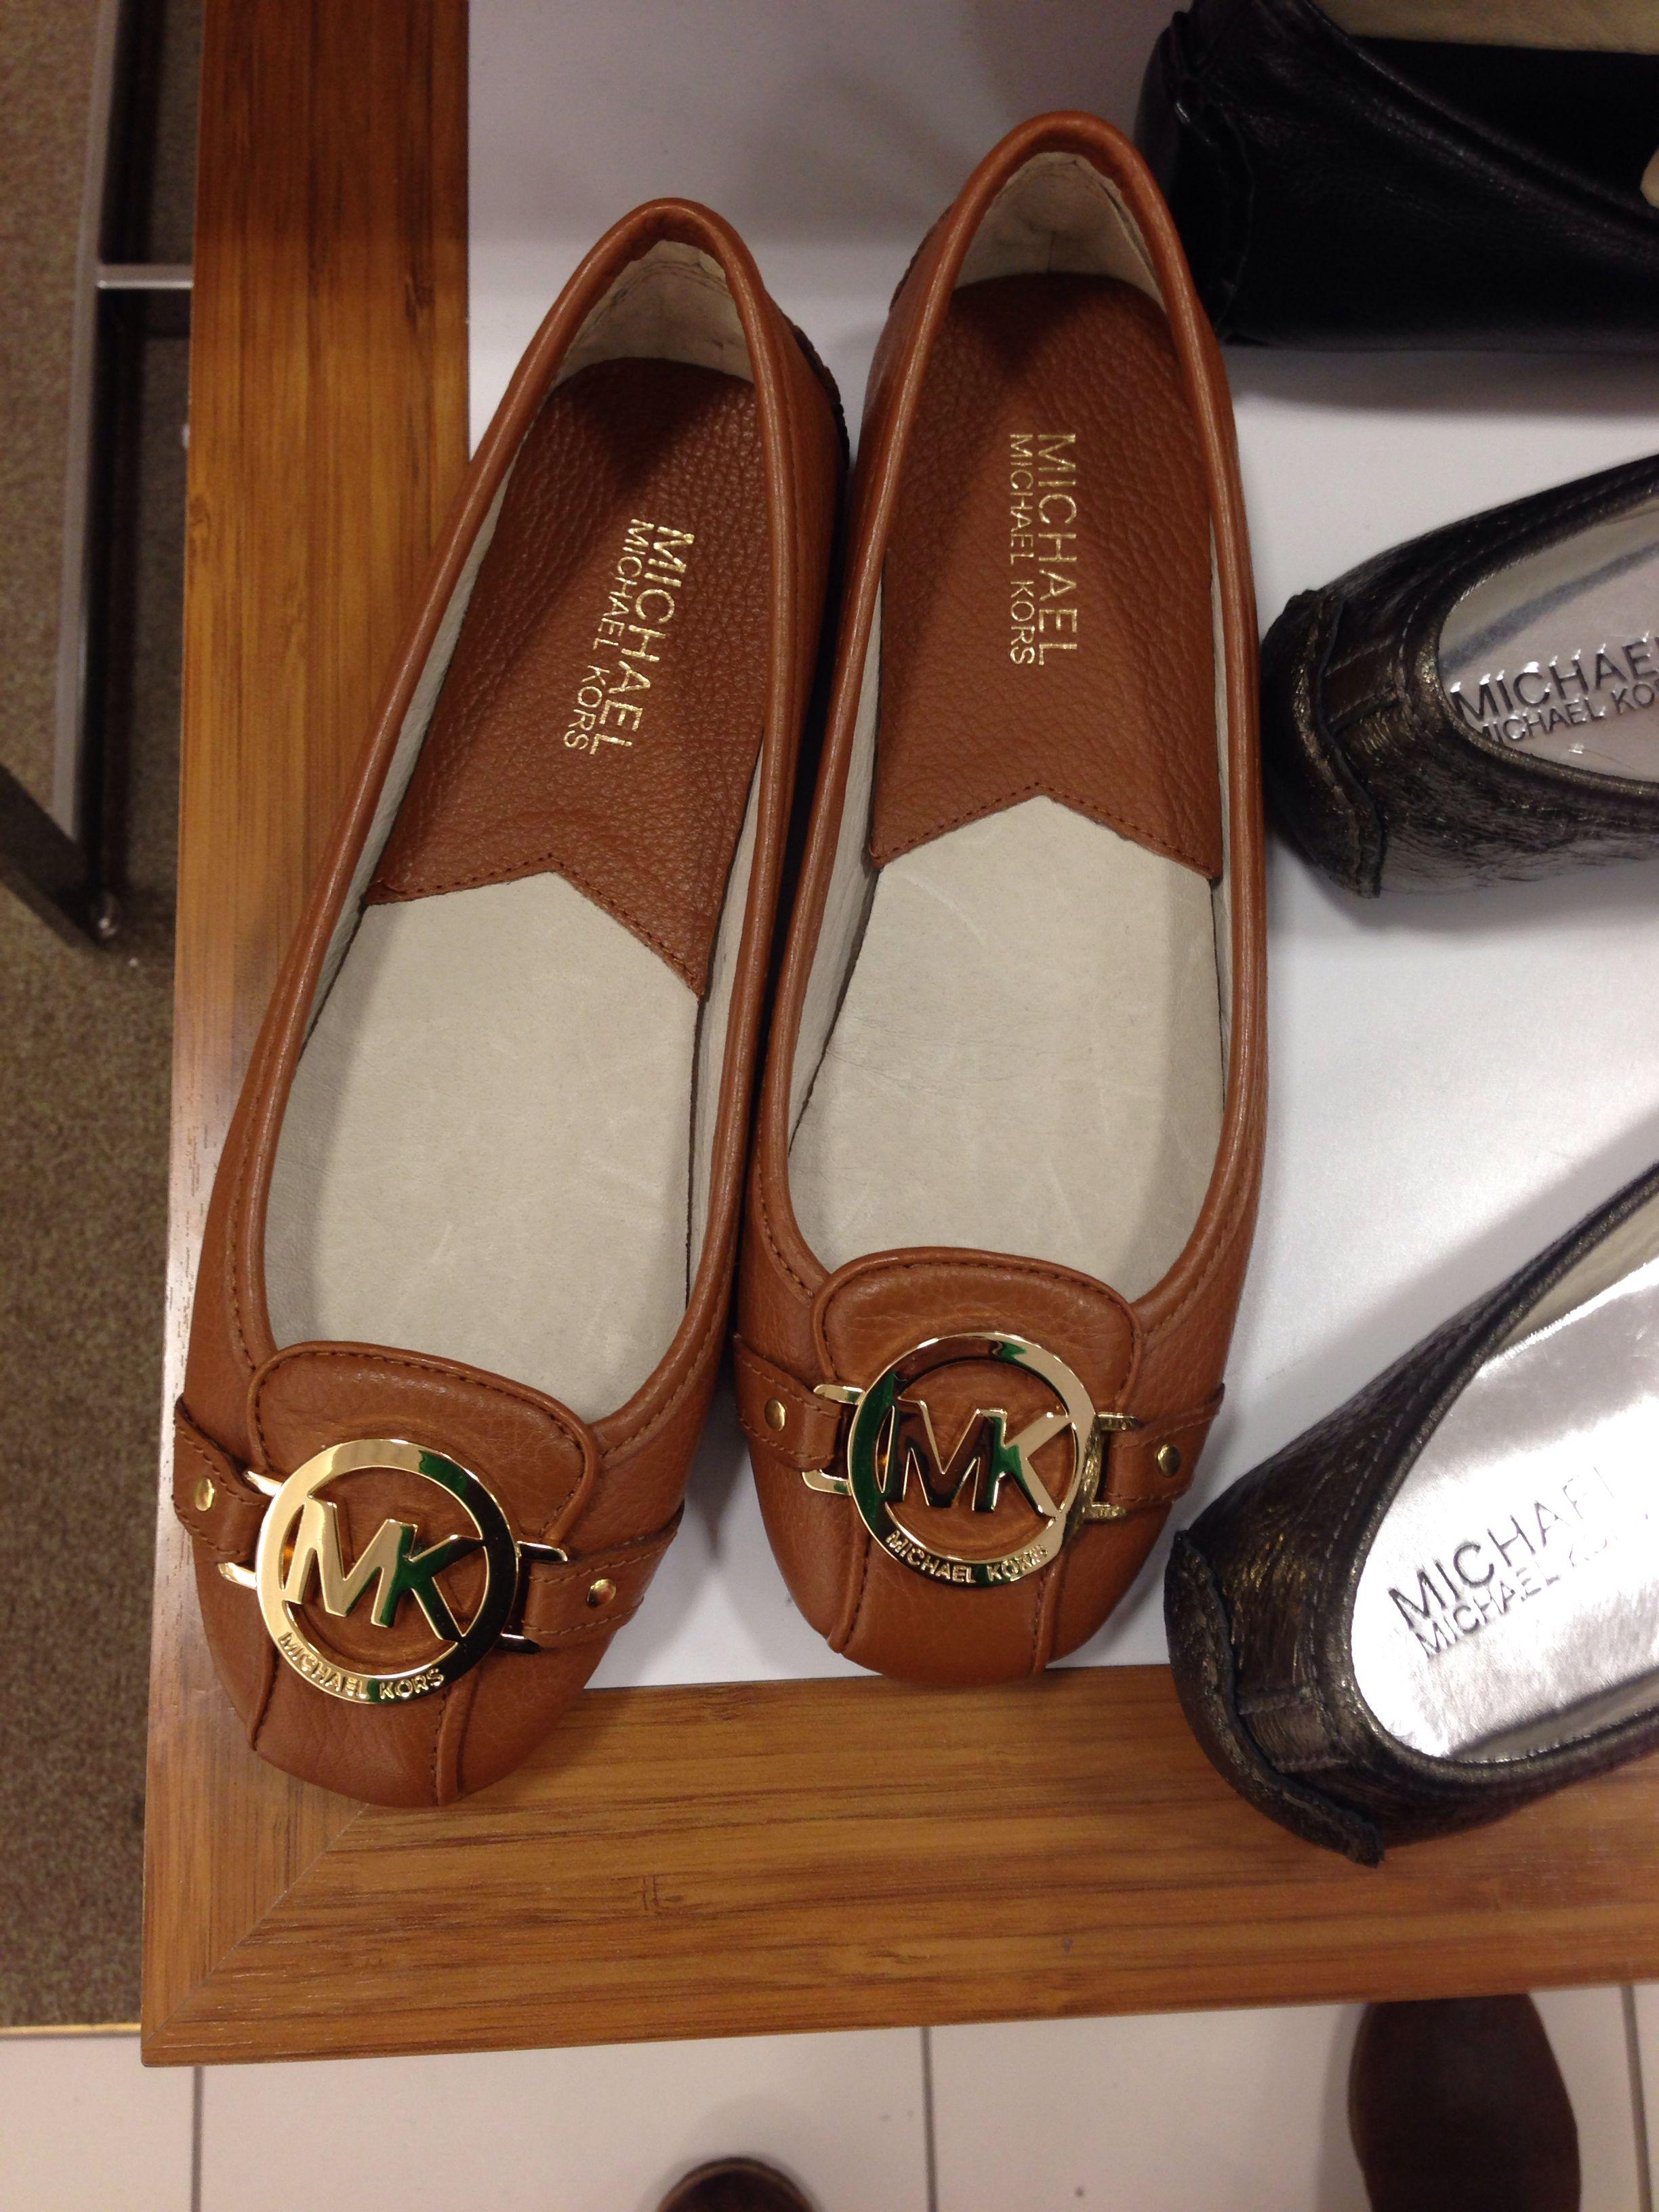 Michel M Shoes Store